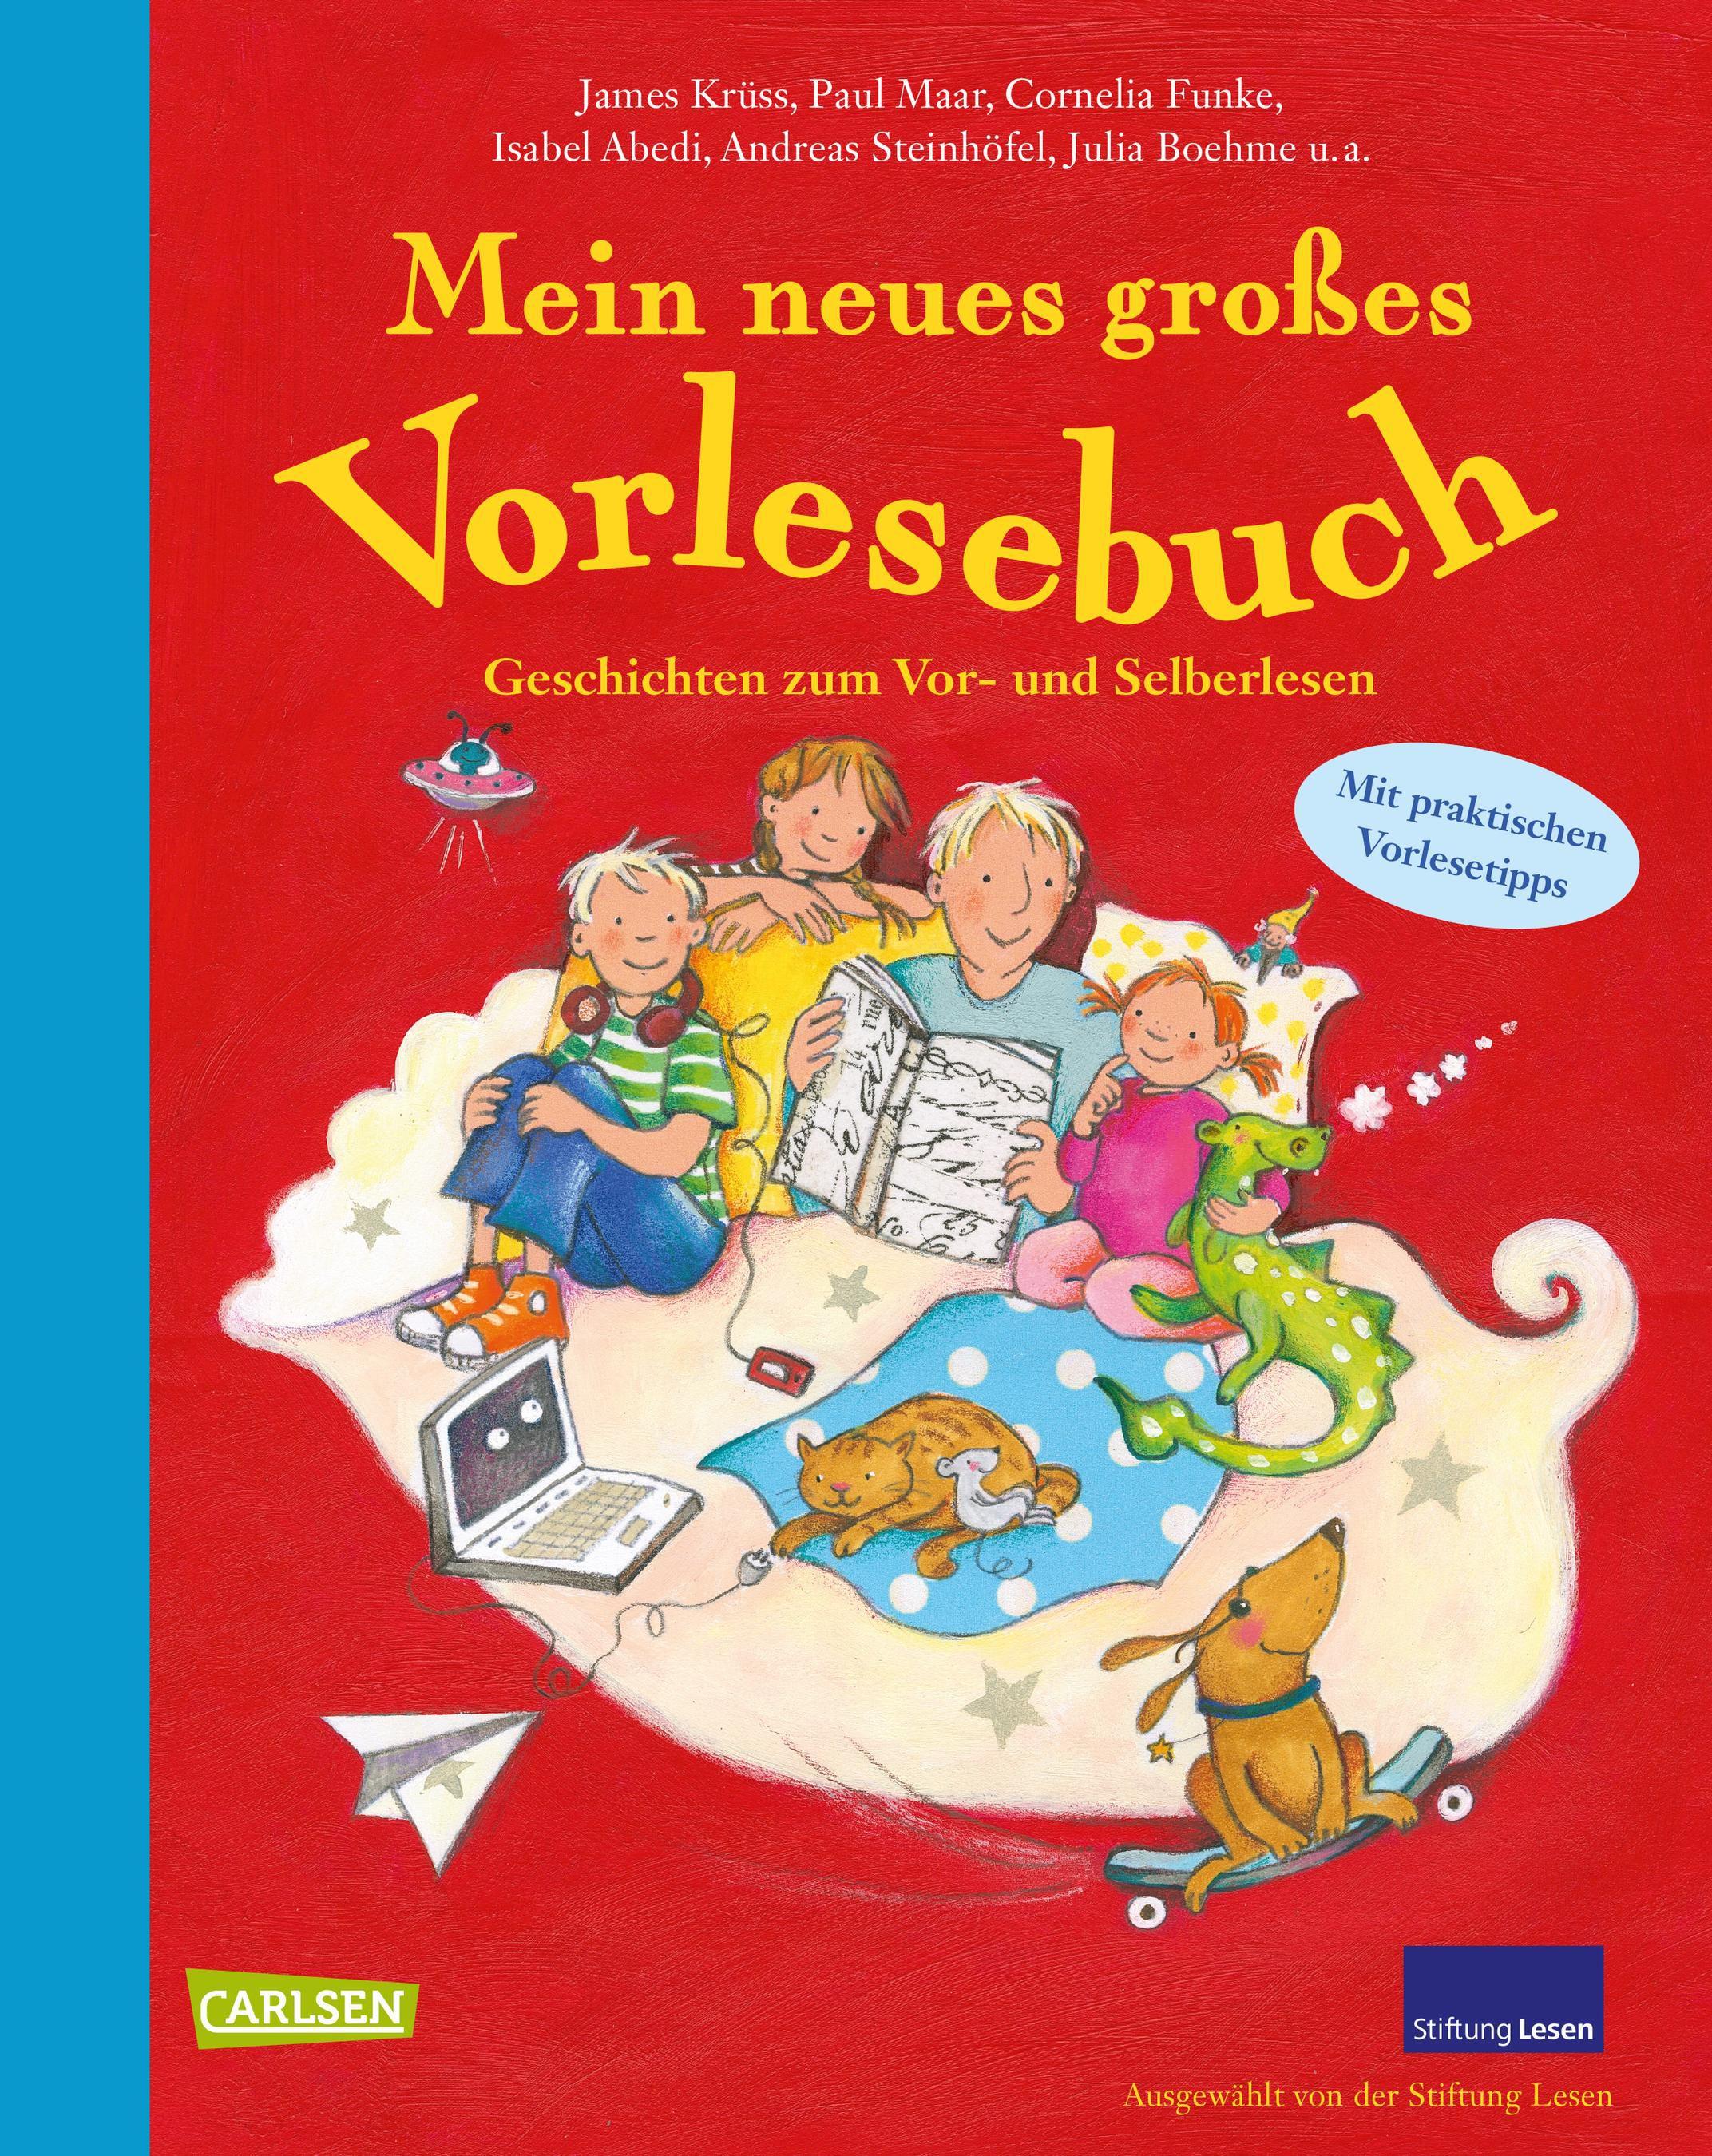 Mein-neues-grosses-Vorlesebuch-Stiftung-Lesen